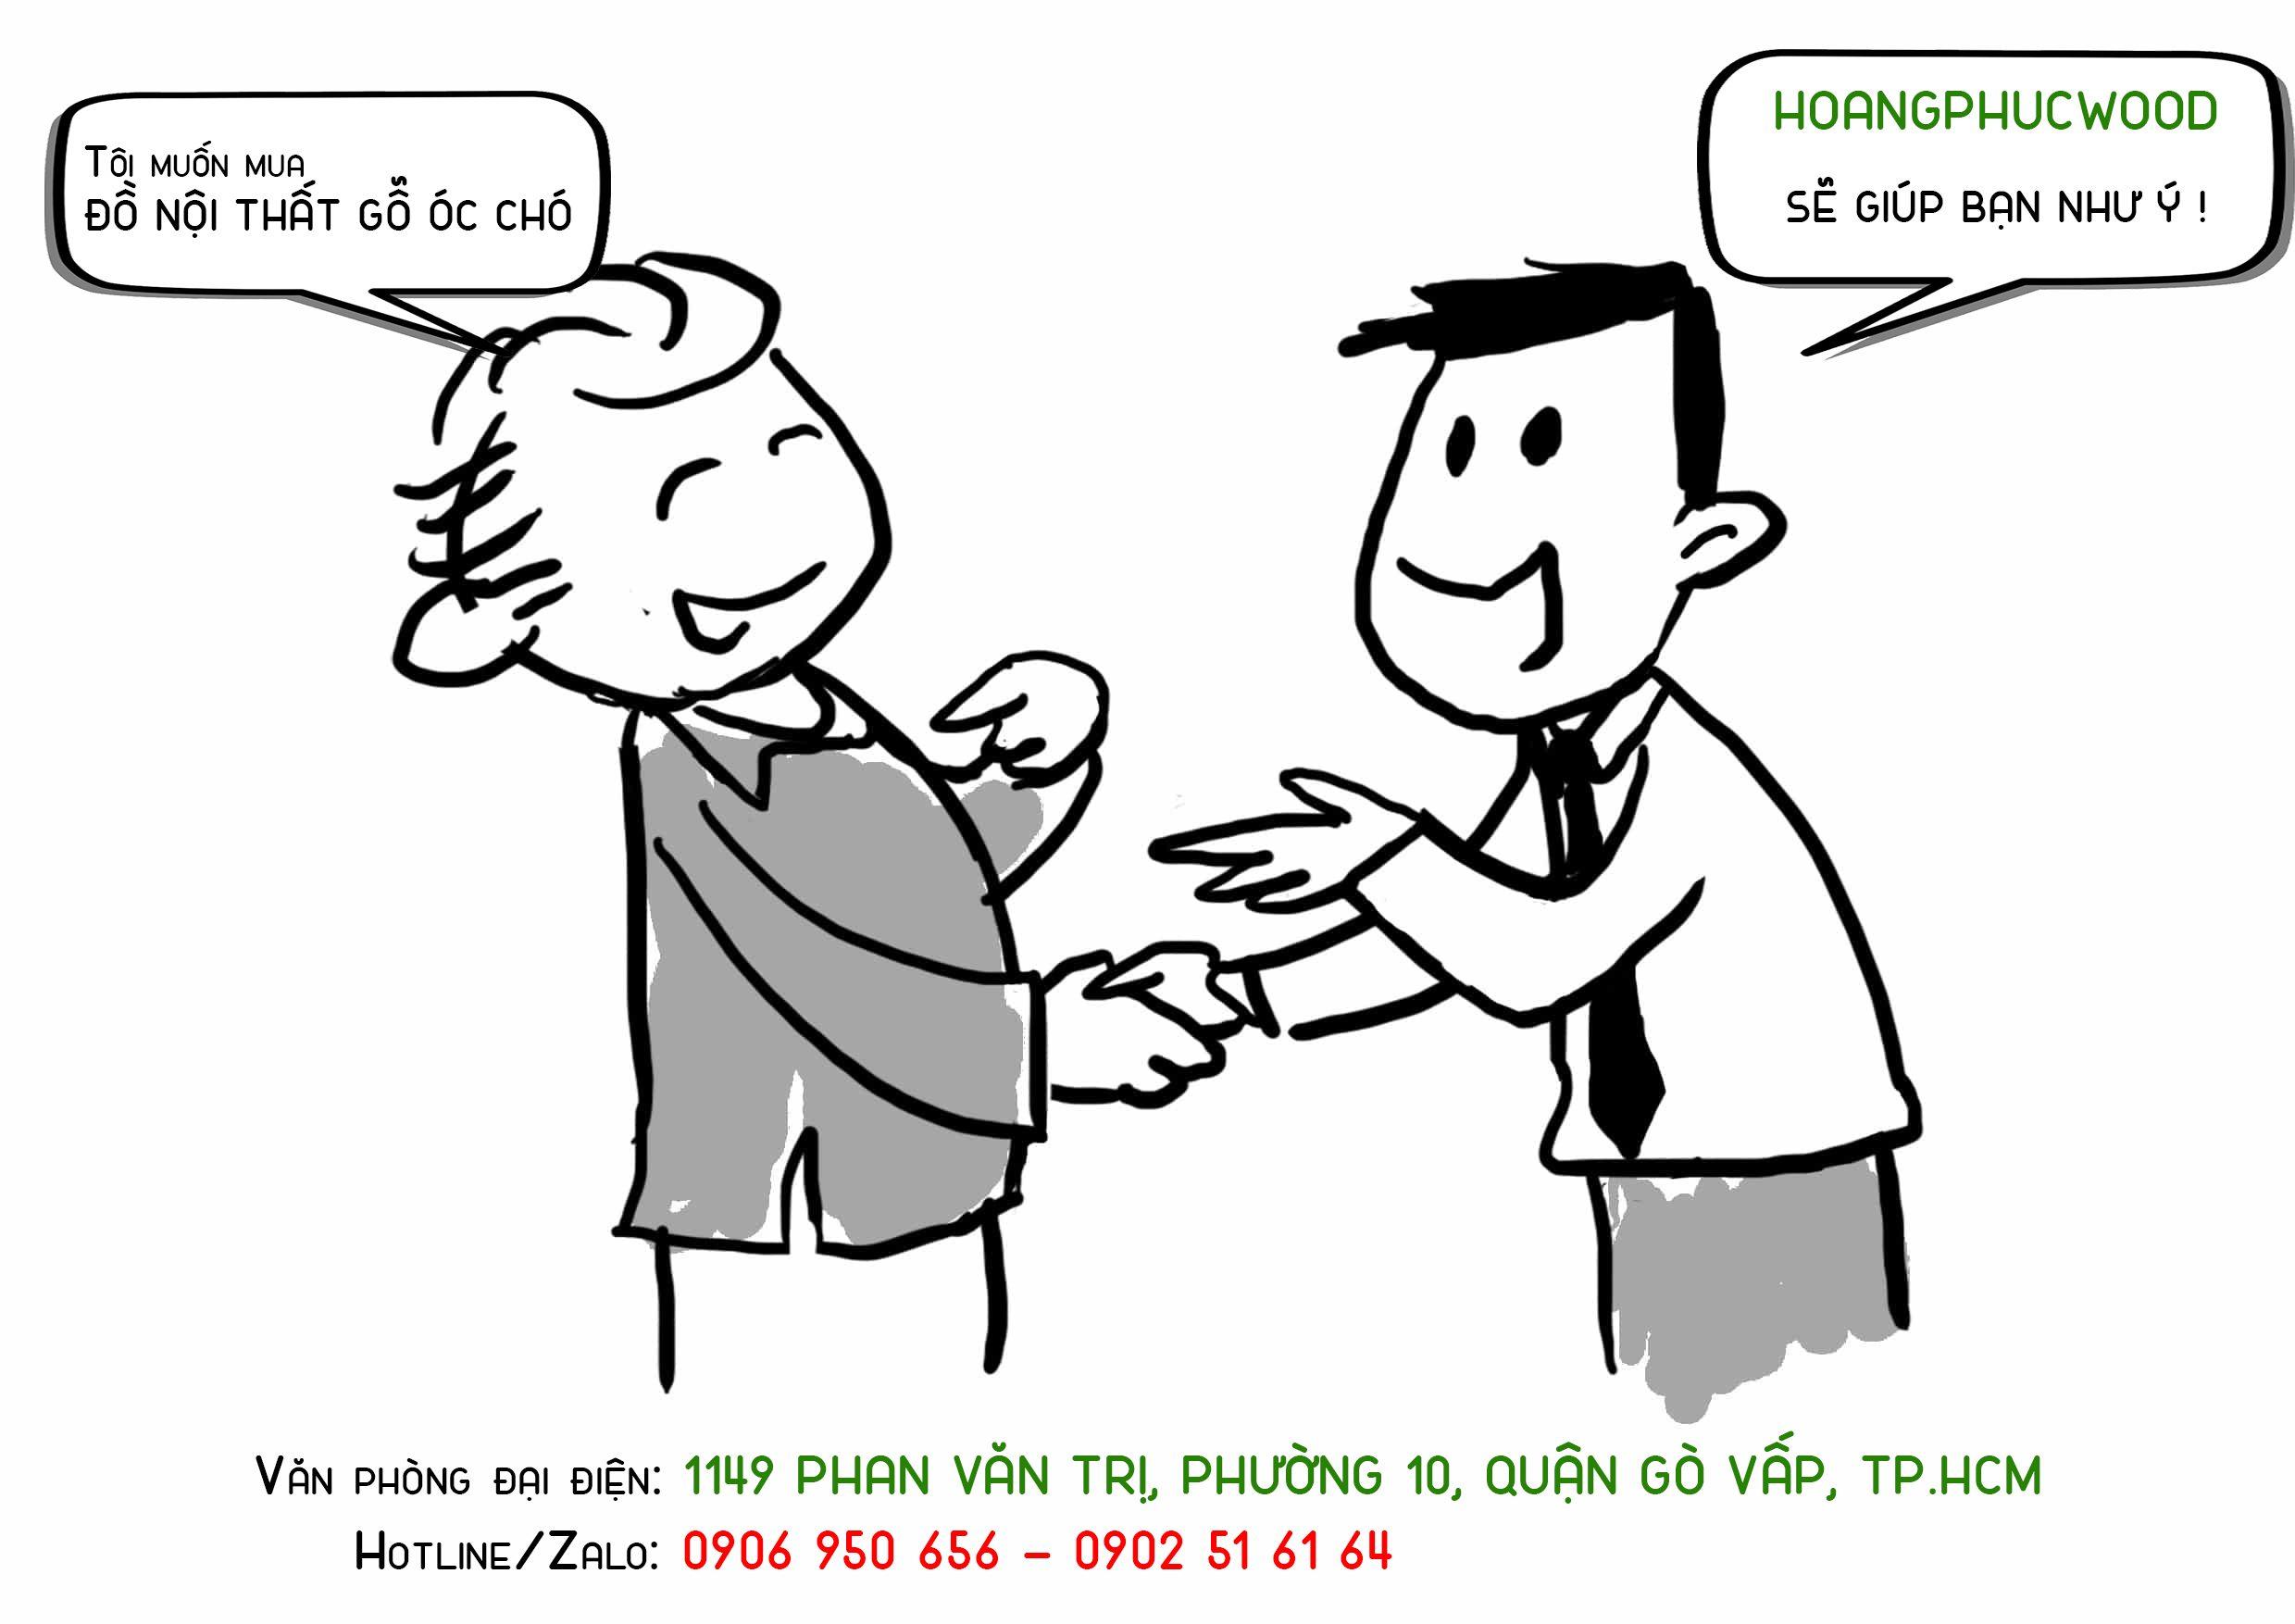 Quang Cao Noi That Go Oc Cho